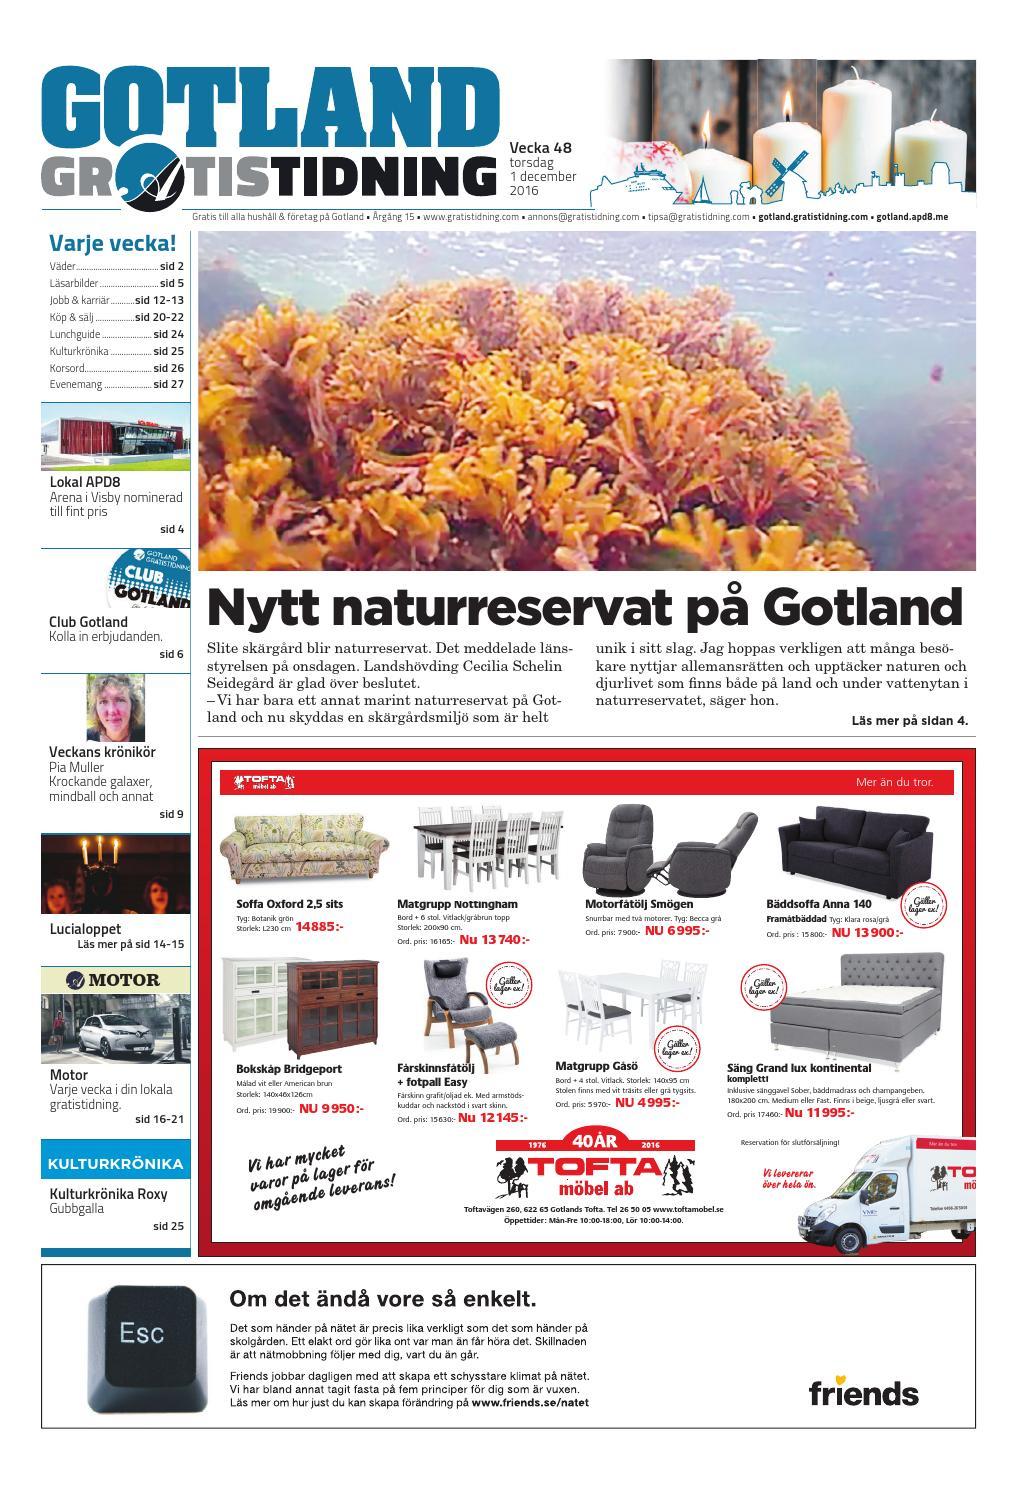 158f525d52c1 Gotland Gratistidning by Svenska Civildatalogerna AB - issuu